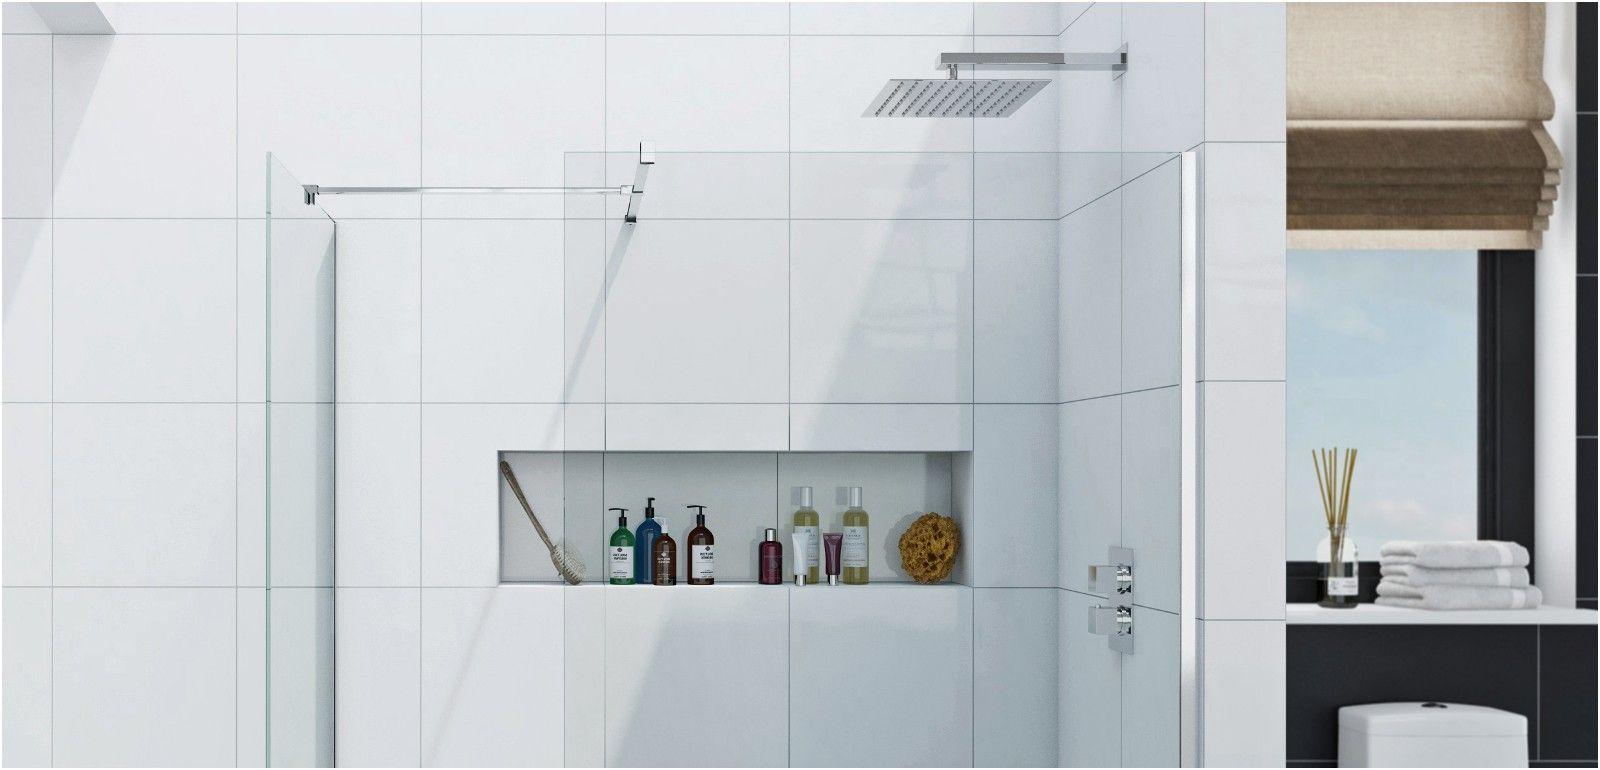 3d design software planning victoriaplum from Free 3D Bathroom Design Software & 3d design software planning victoriaplum from Free 3D Bathroom ...